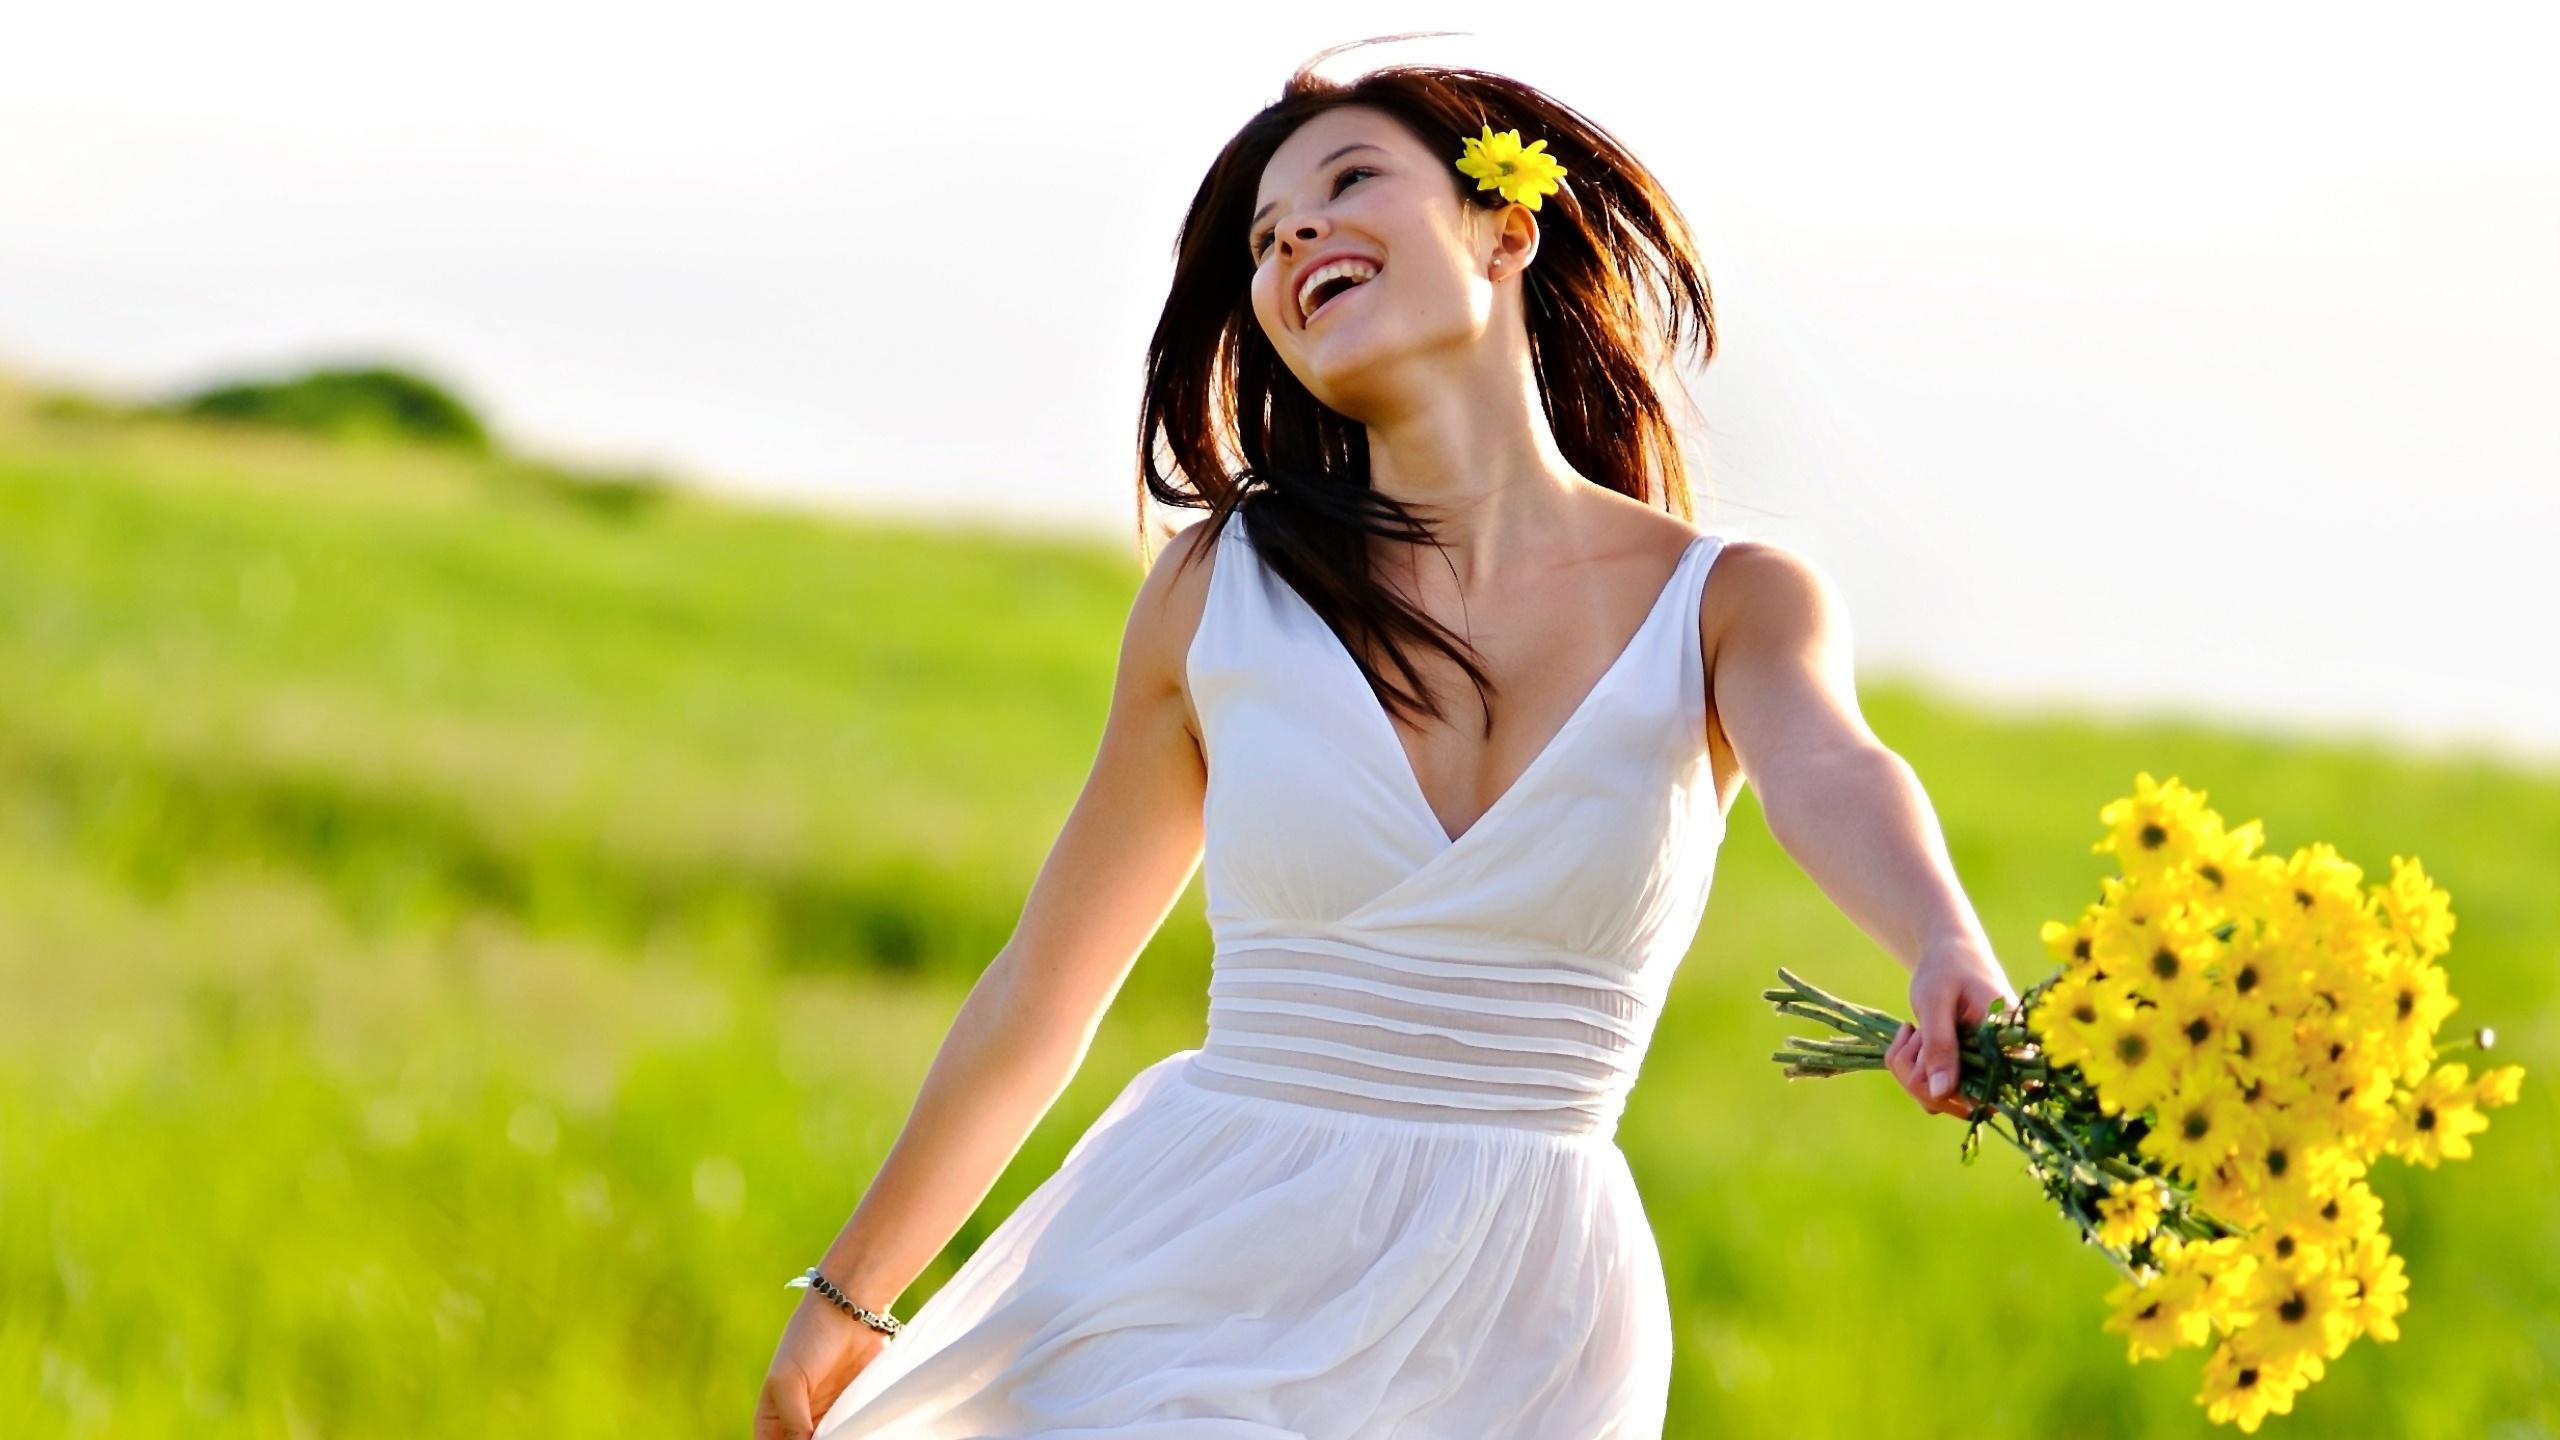 Аз жаргалын 10 нууц